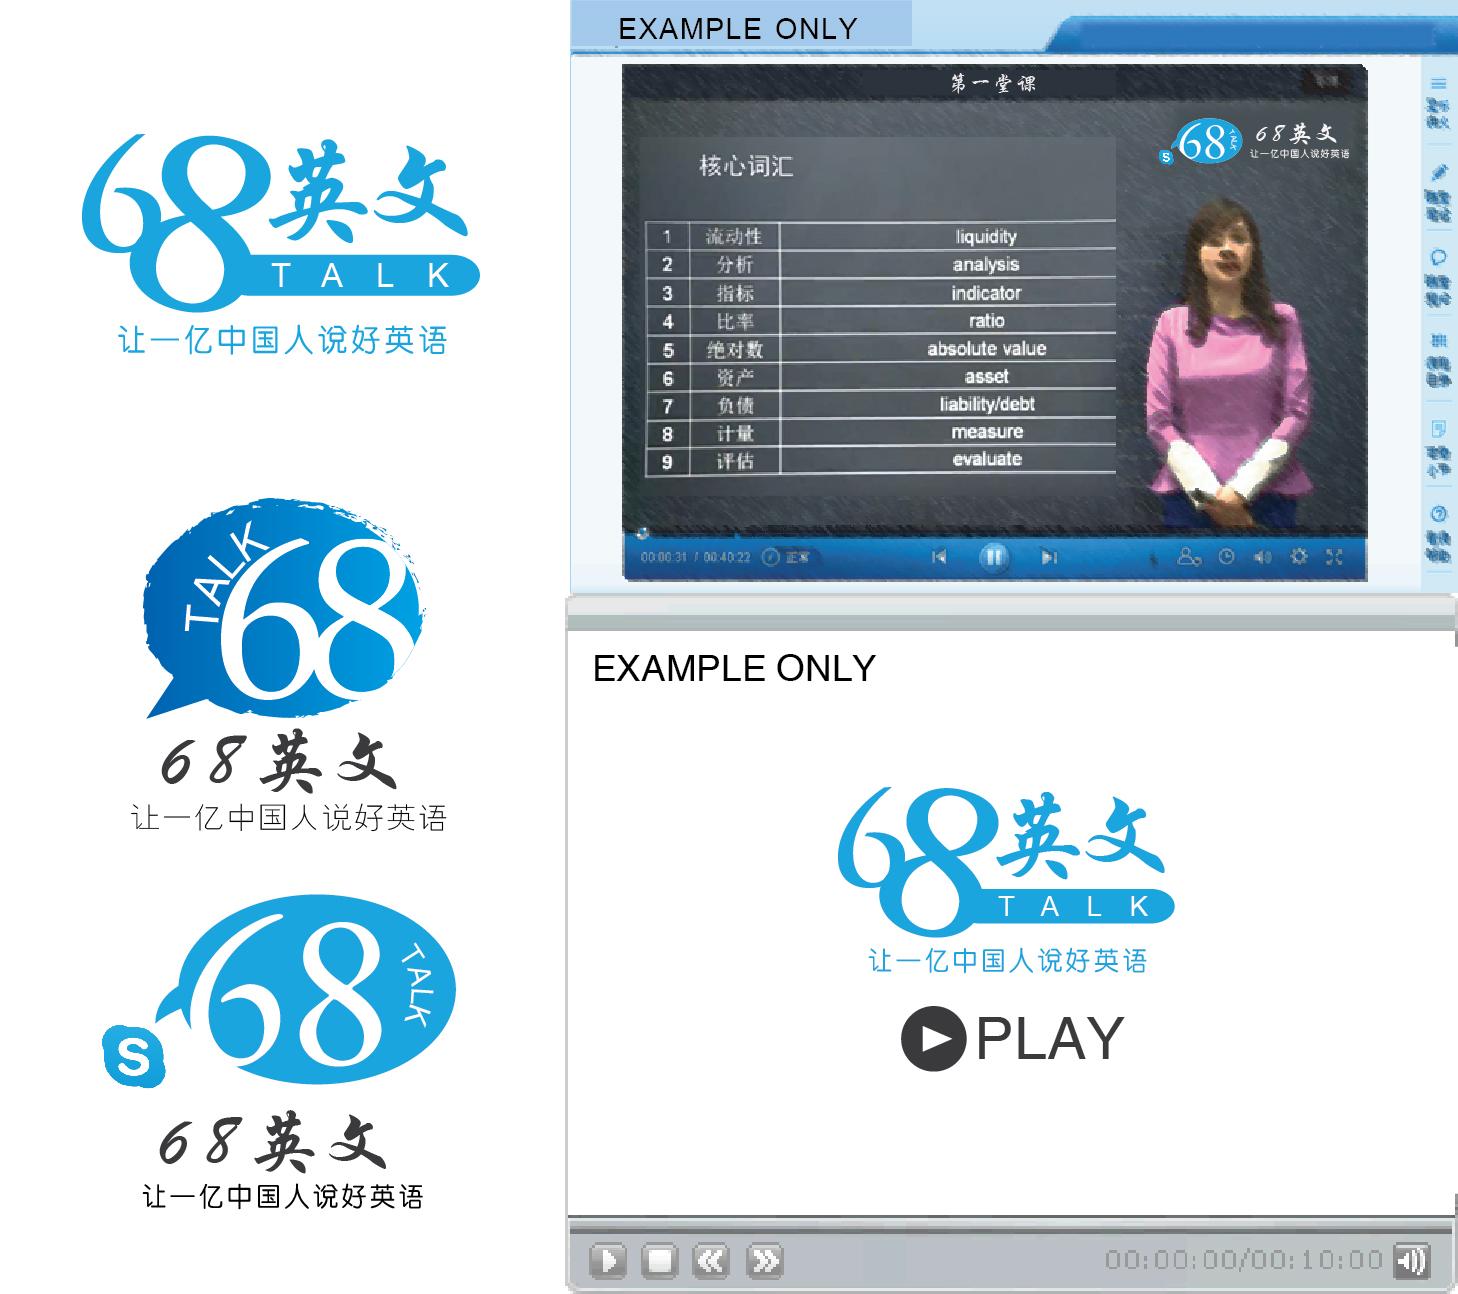 在线英语教学网站logo设计